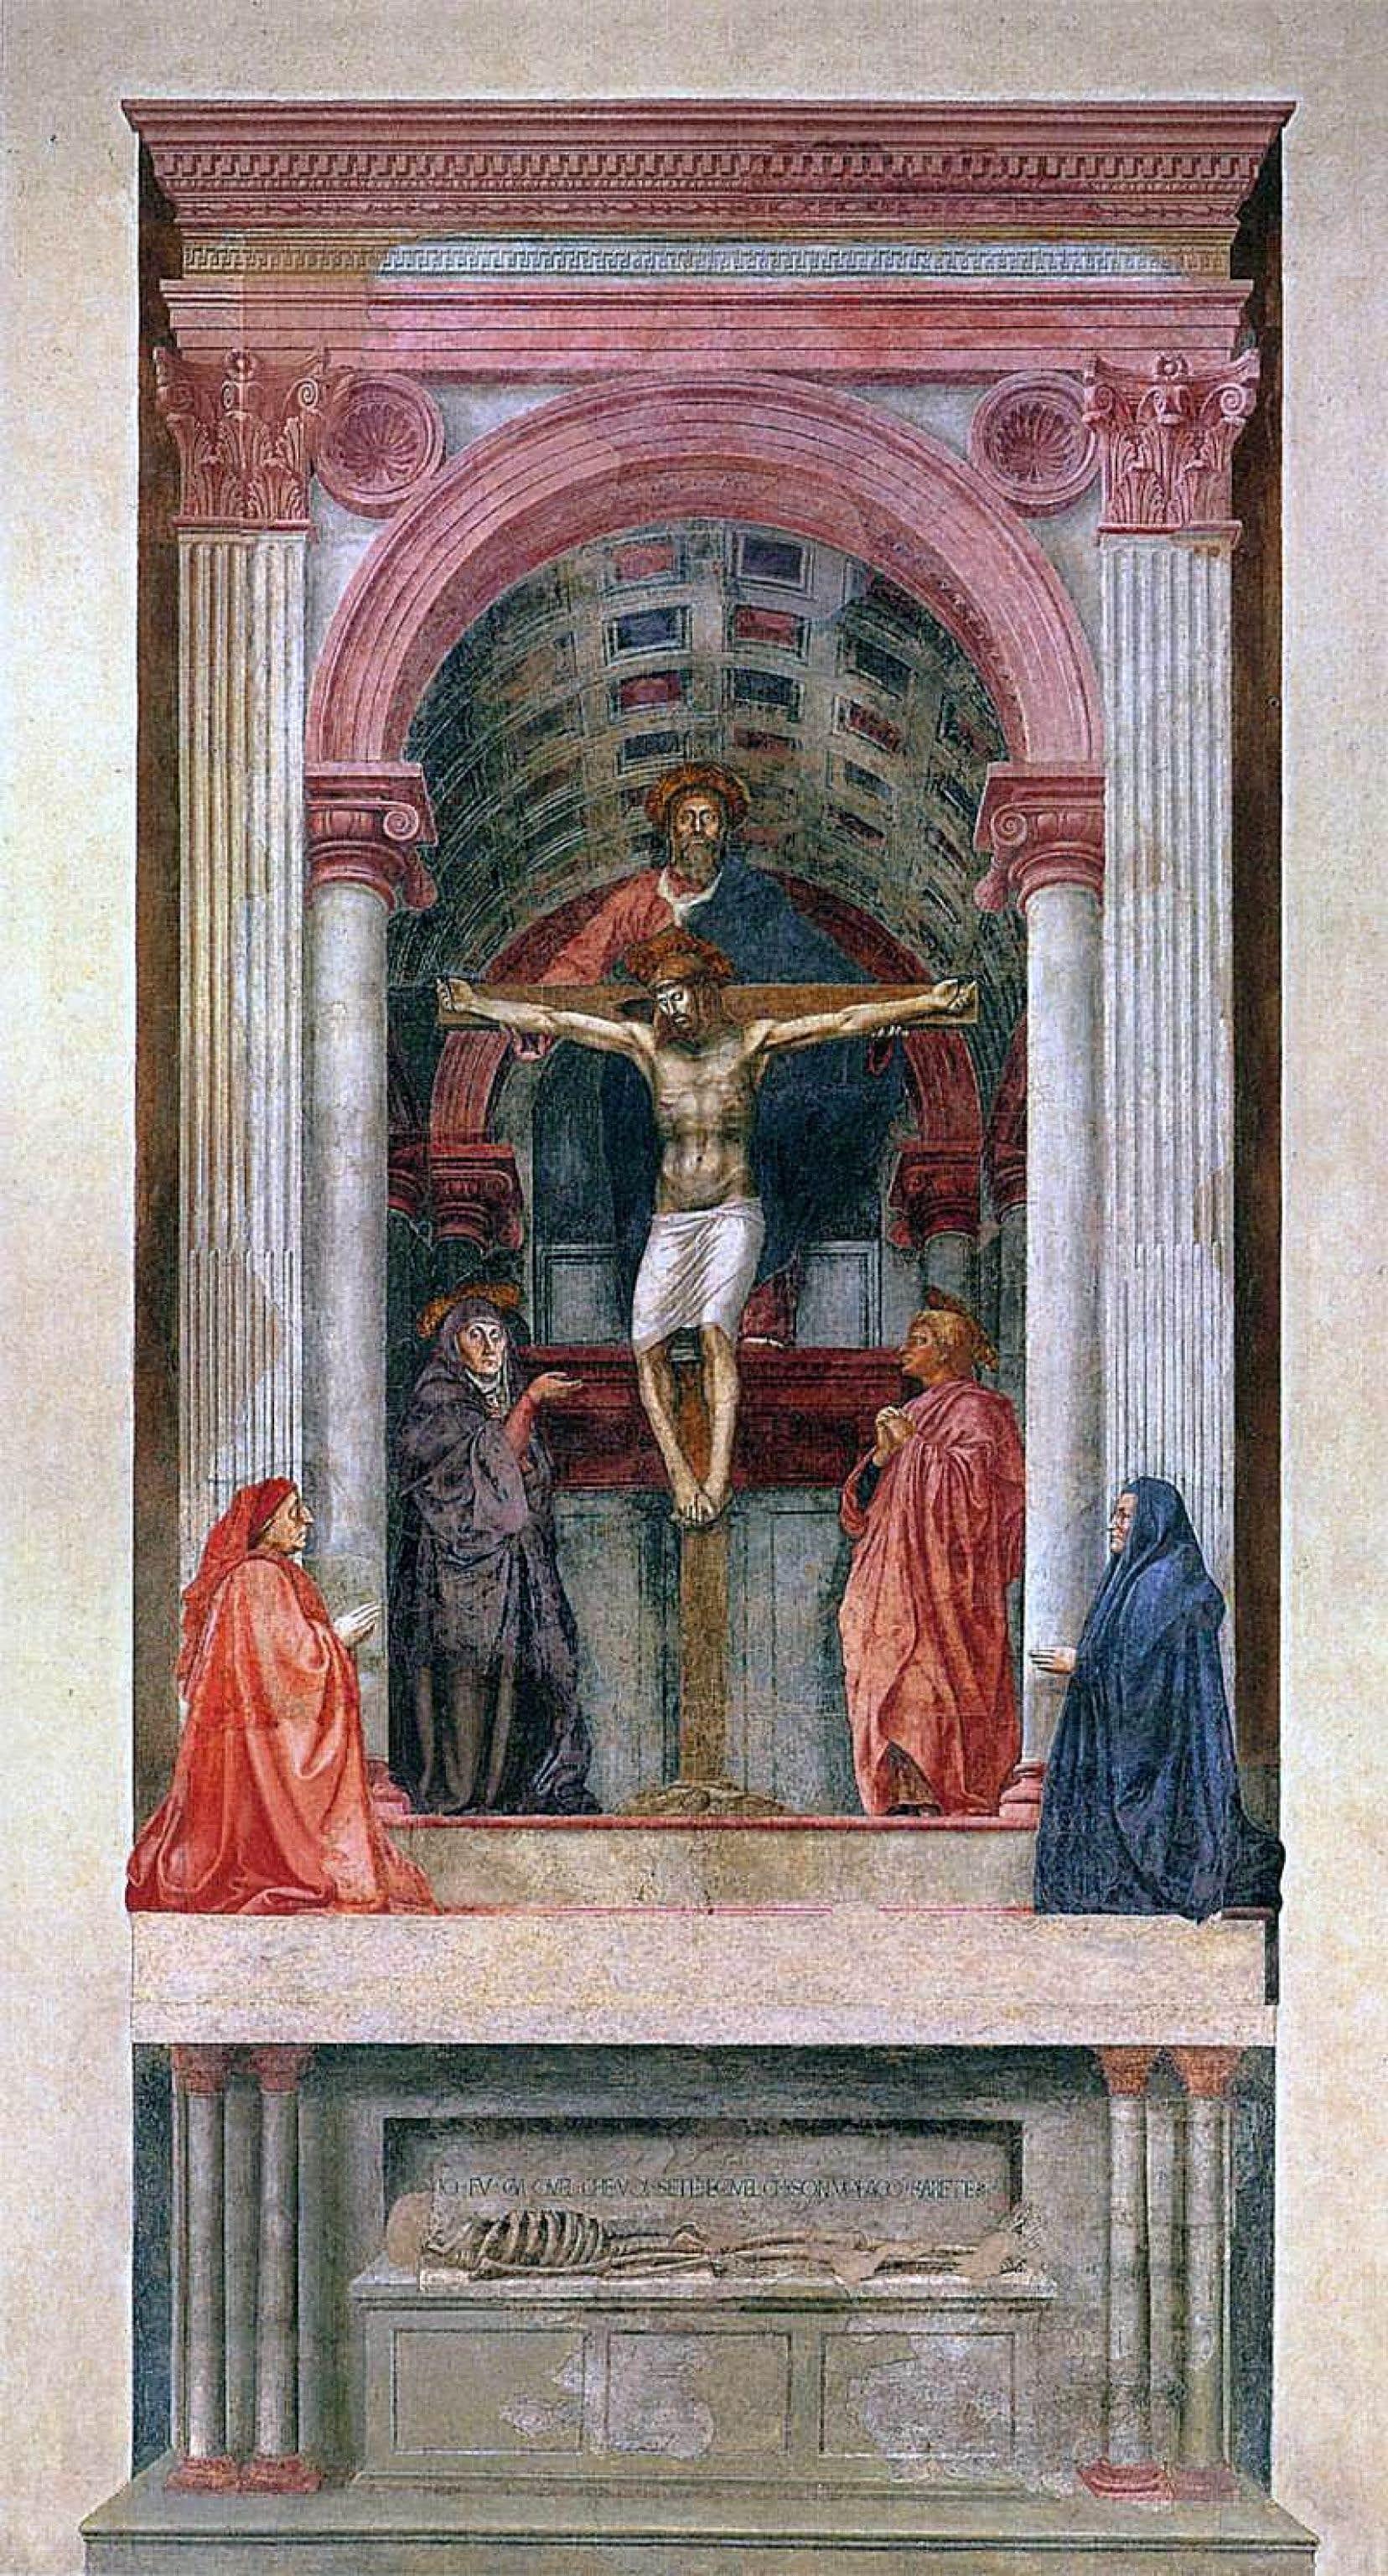 La grande «Trinité» (1425-1428) de Masaccio dans l'église Santa Maria Novella de Florence est un trompe-l'œil parfait.